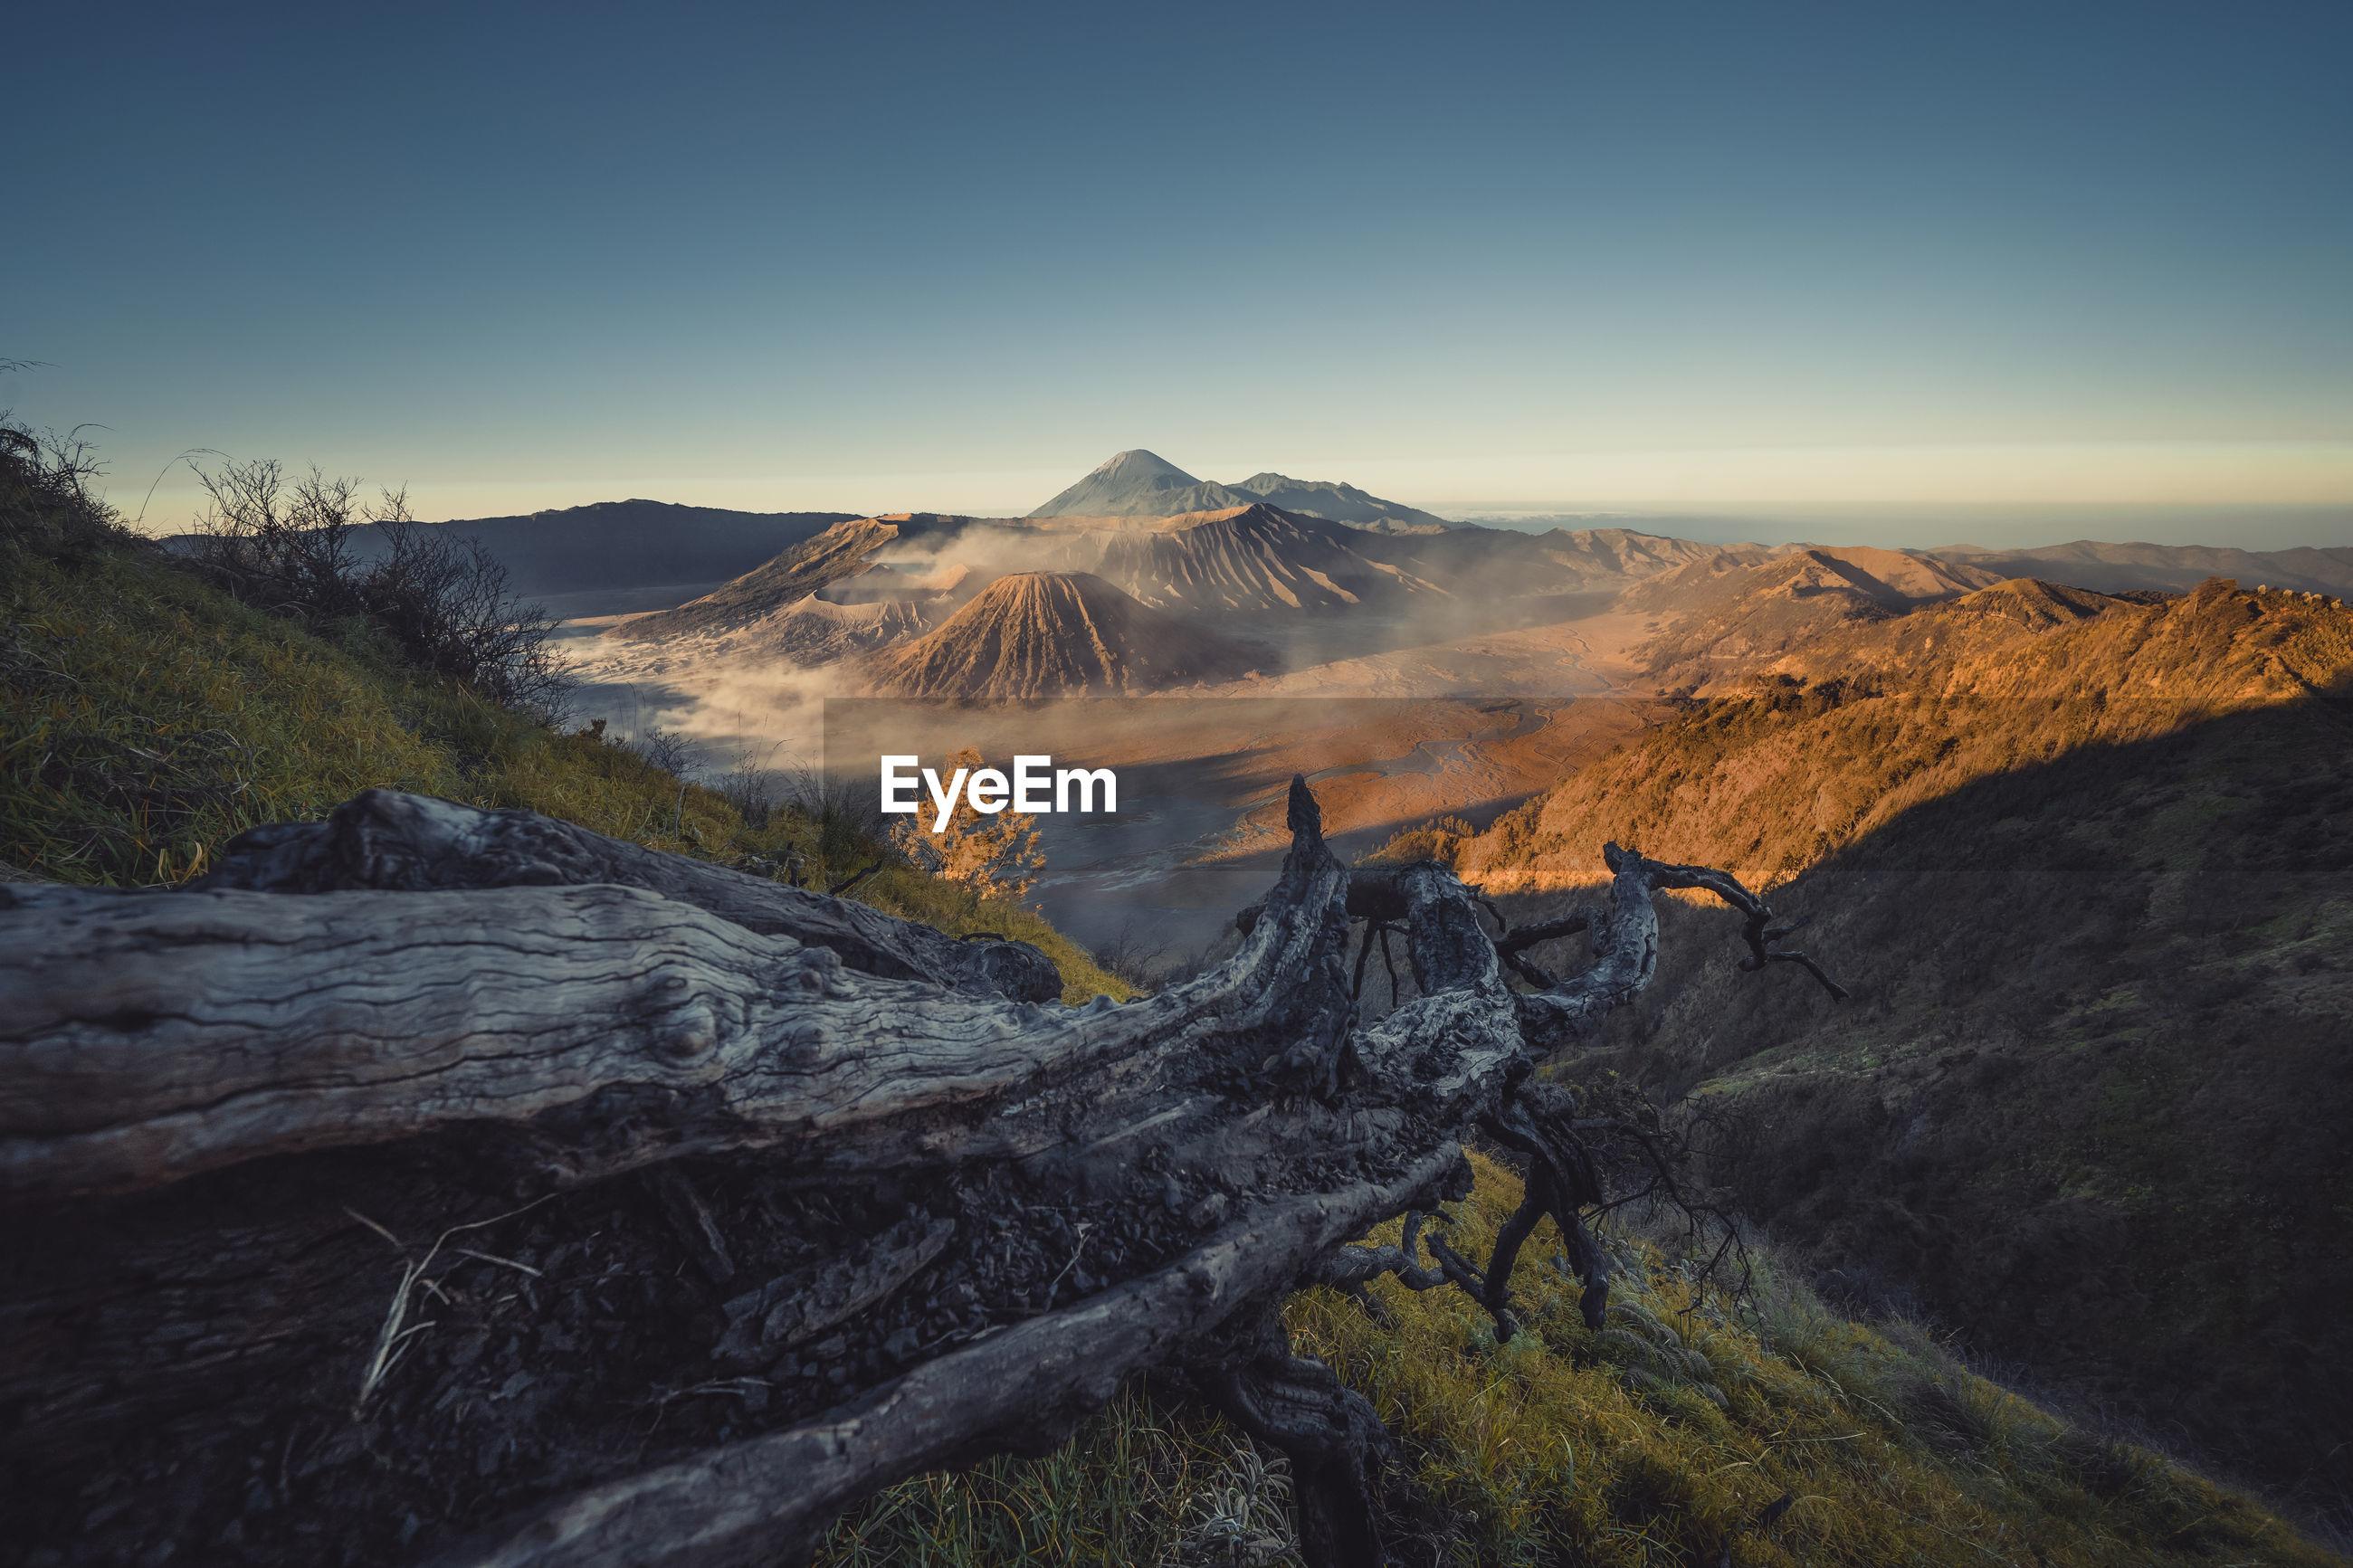 Fallen tree trunk on mountain against sky